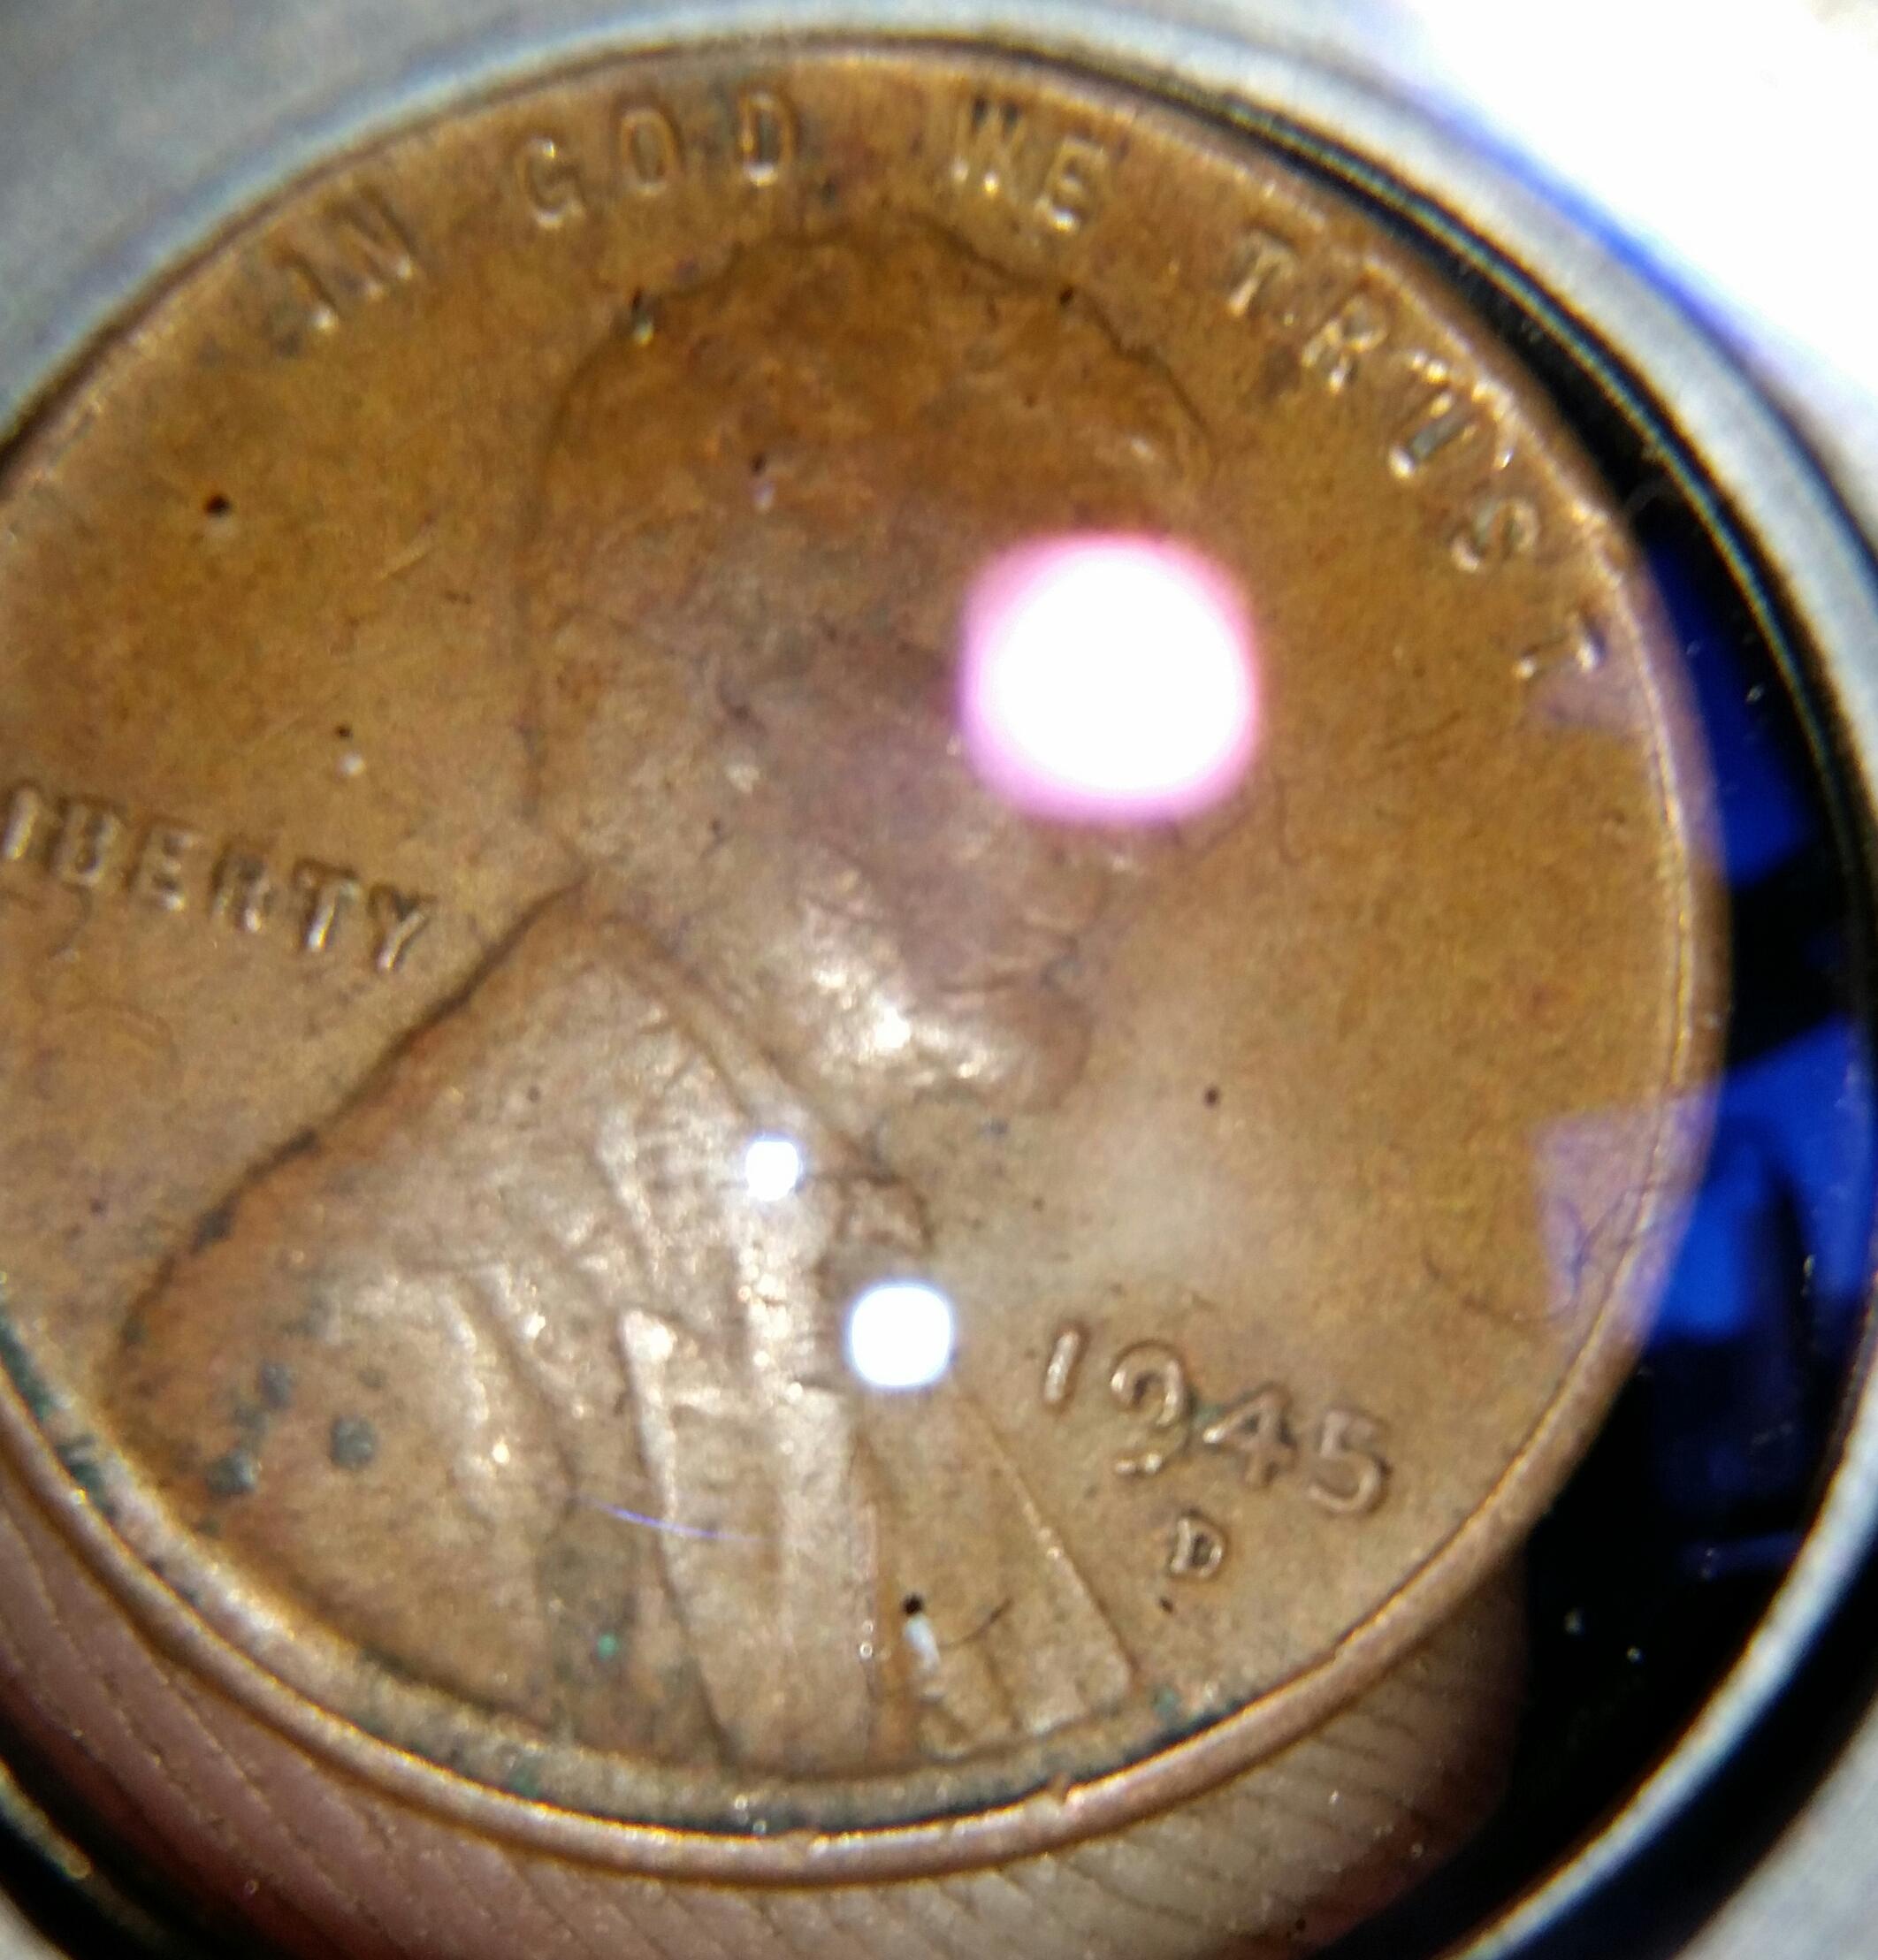 Value 1935 Penny Fbbdefbfffefbdaffccf